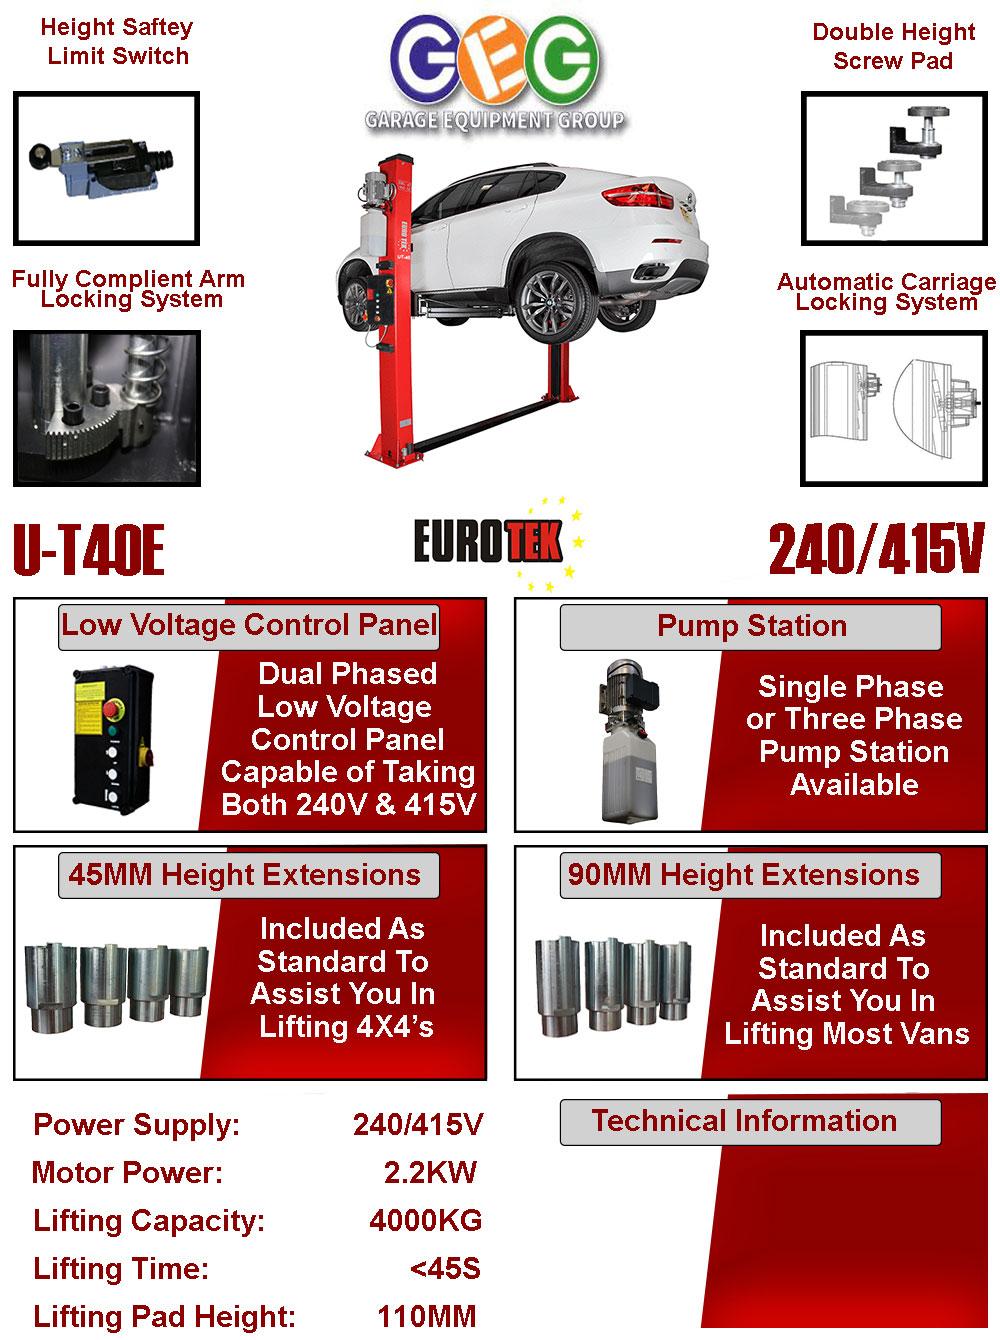 information flyer for Eurotek UT40E 2 post lift